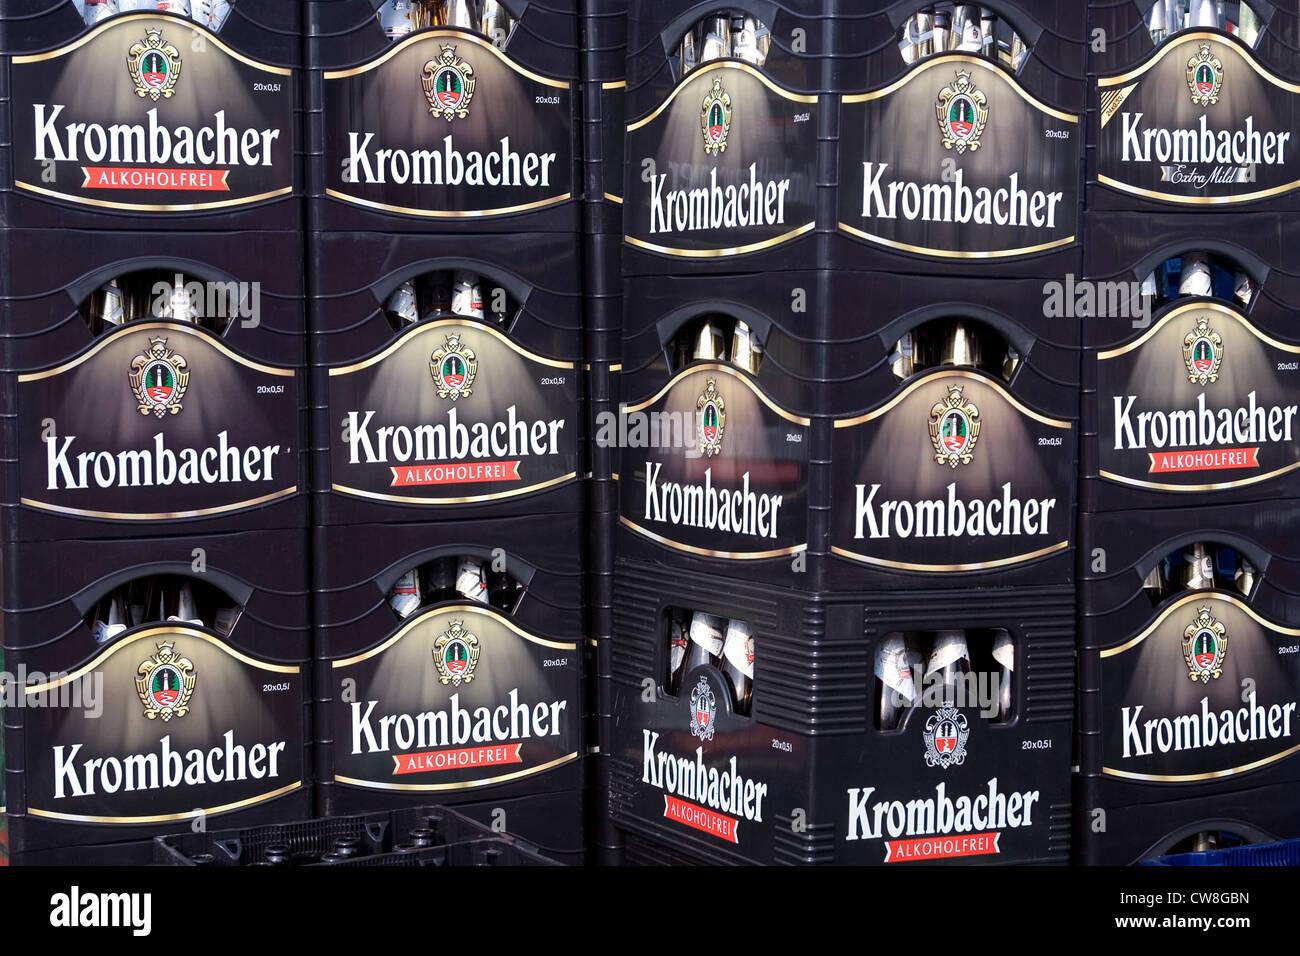 Krombacher Beer Stockfotos & Krombacher Beer Bilder - Alamy